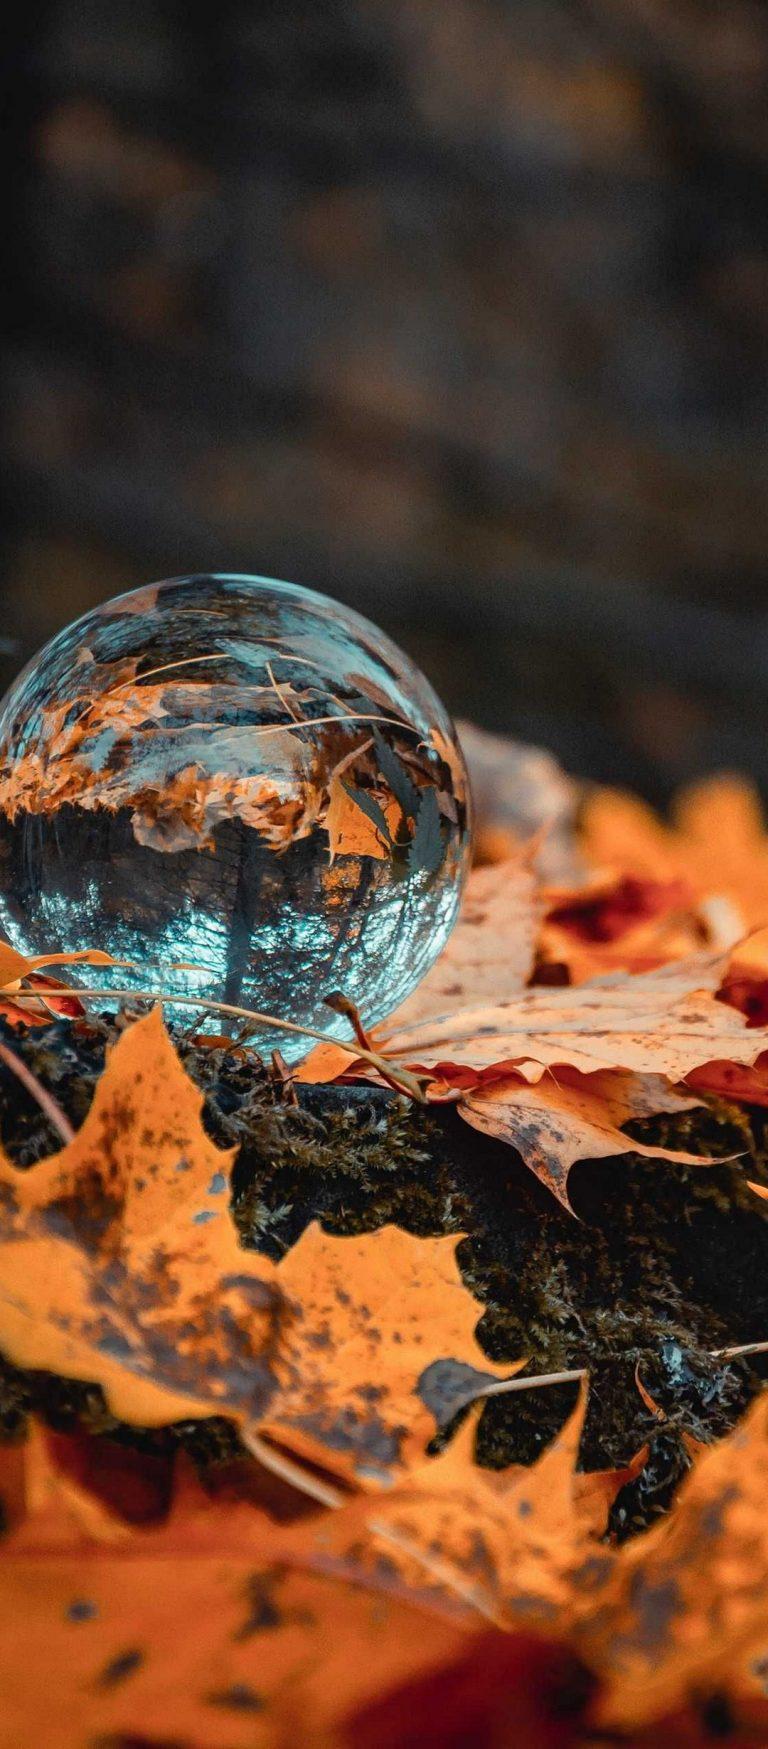 Ball Glass Autumn 1080x2460 768x1749